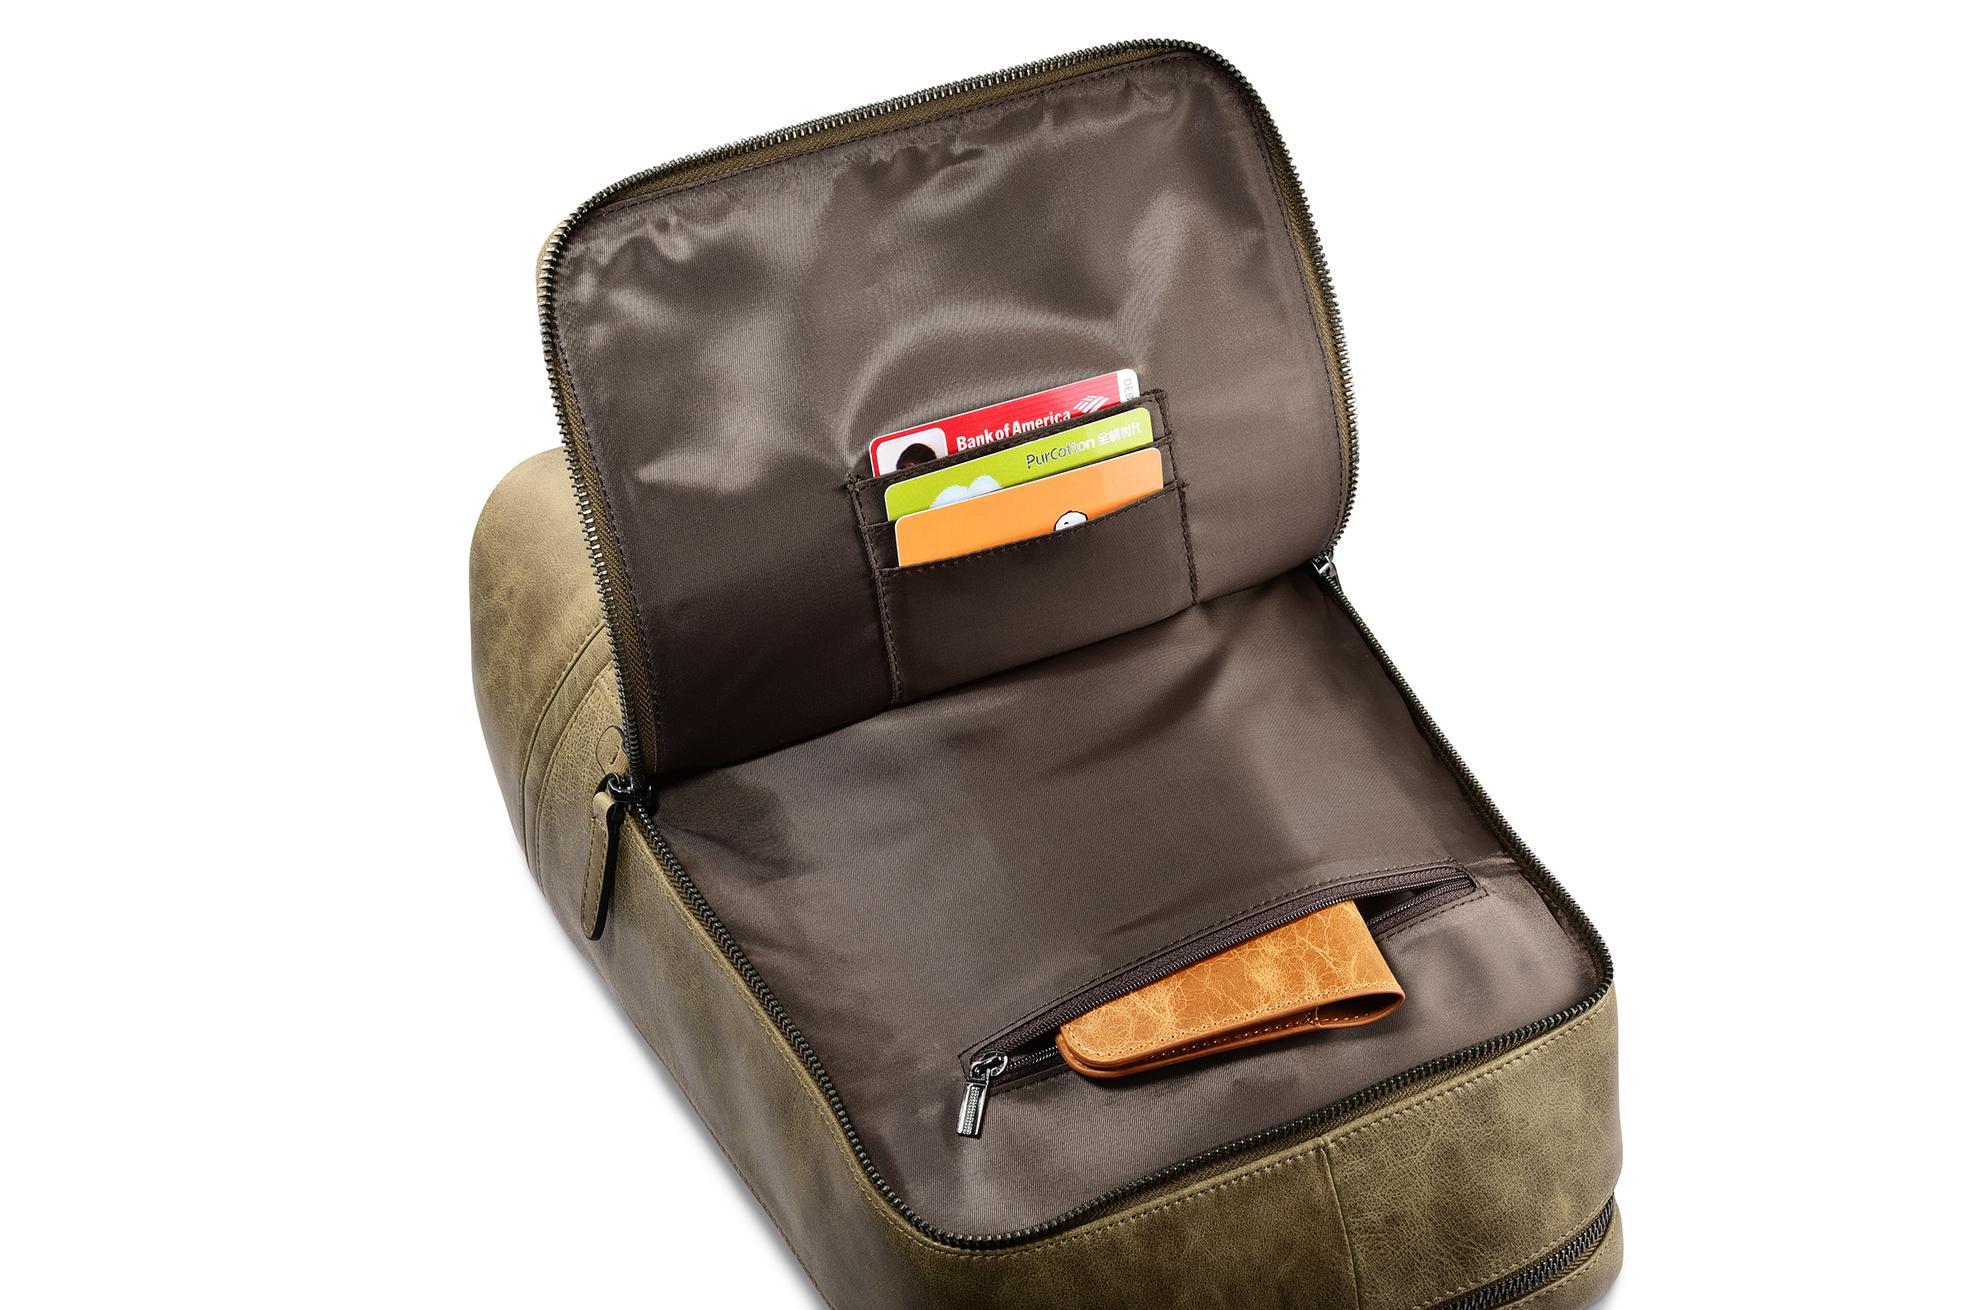 iCarer Shenzhou Real Leather Backpack 9